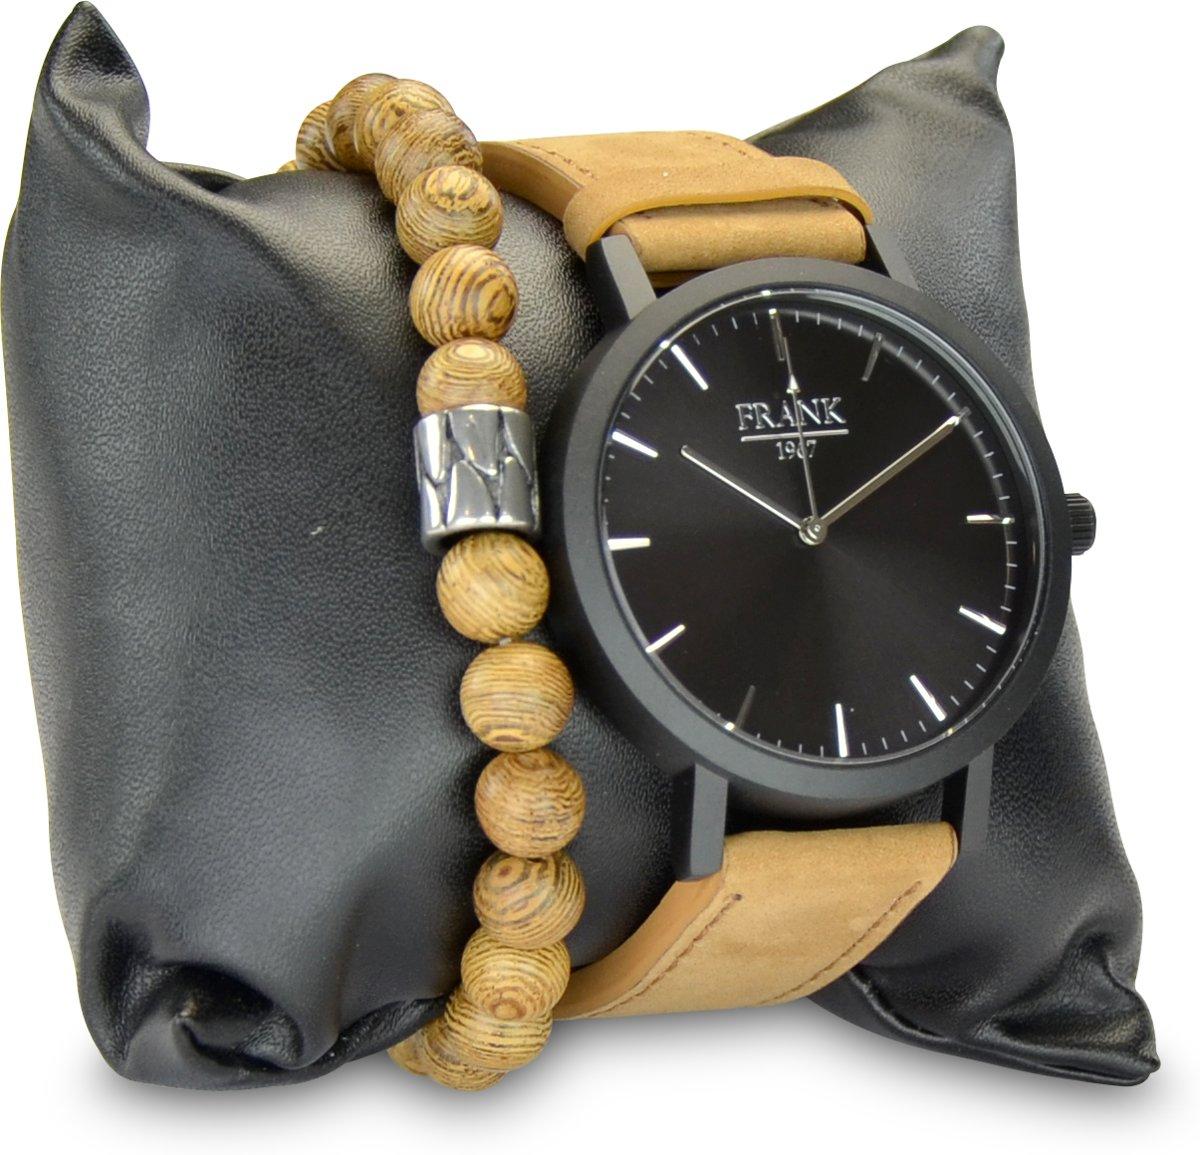 Frank 1967 7FR SET025 Horloge Set met Armband - Leren Band - Ø 42 mm - Zwart / Licht Bruin / Zilverkleurig kopen